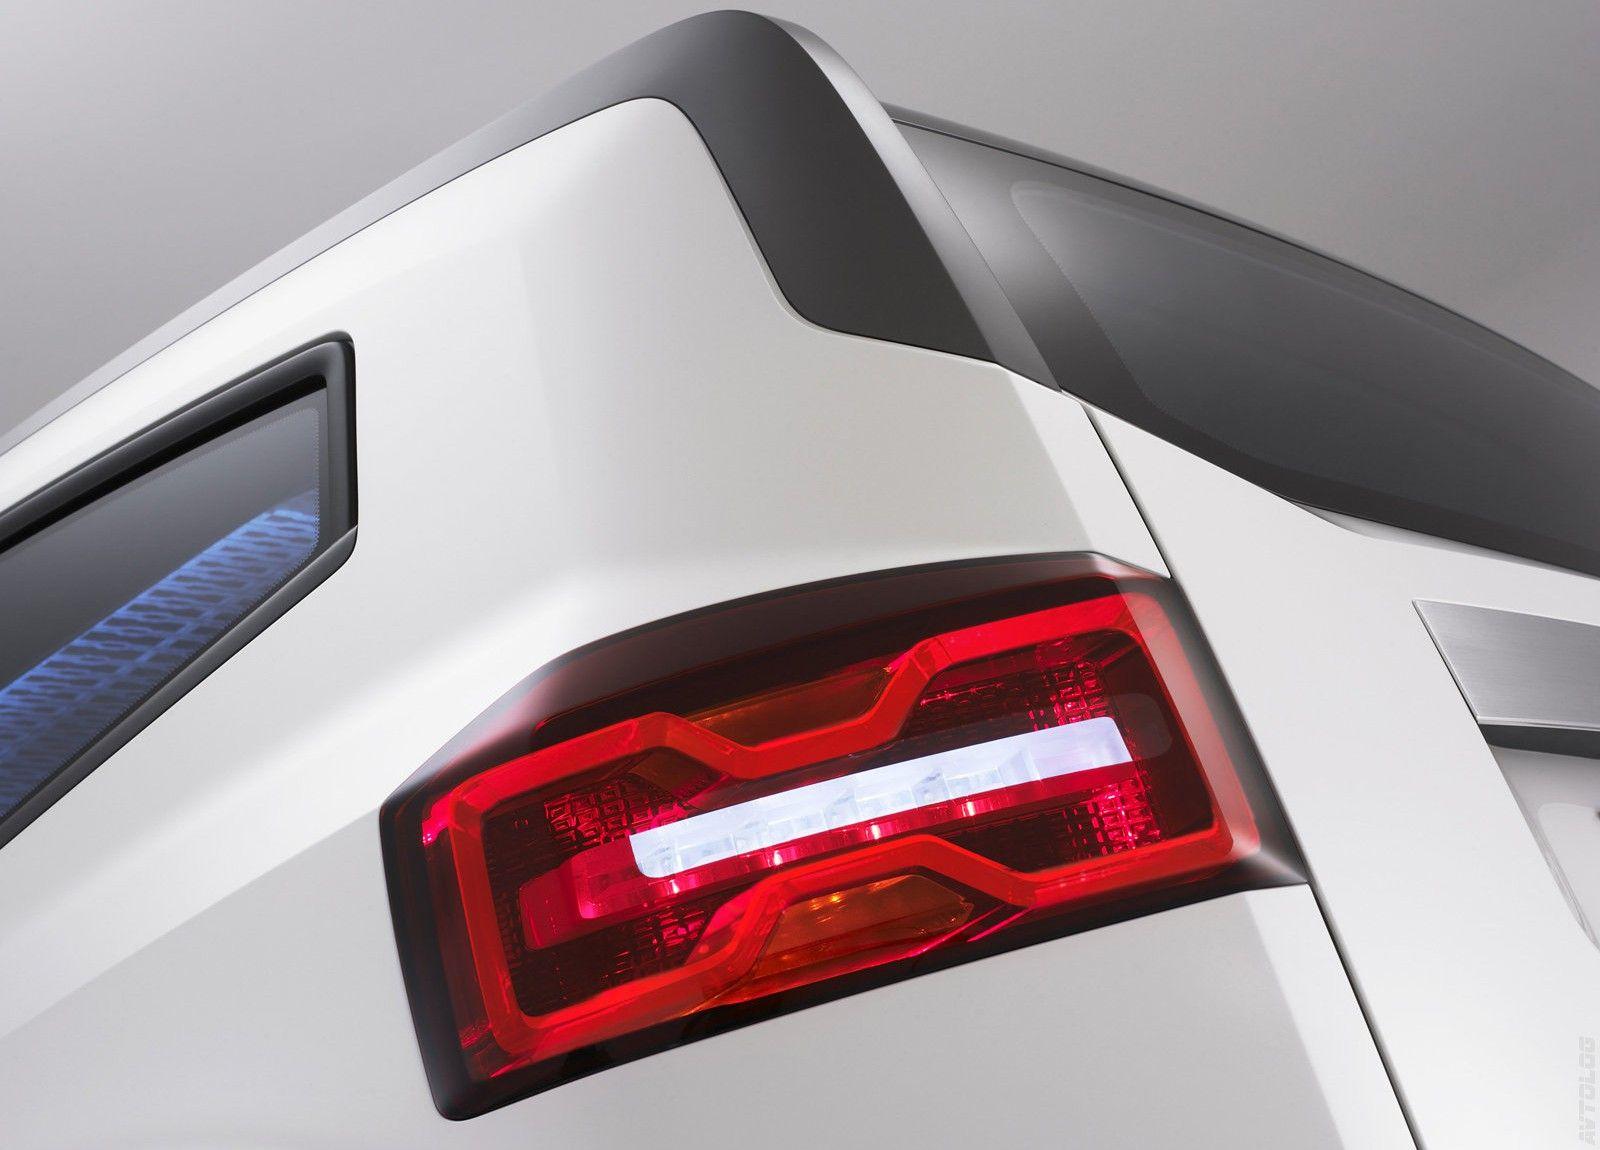 Chevrolet orlando interior voiture pinterest chevrolet orlando chevrolet and car images